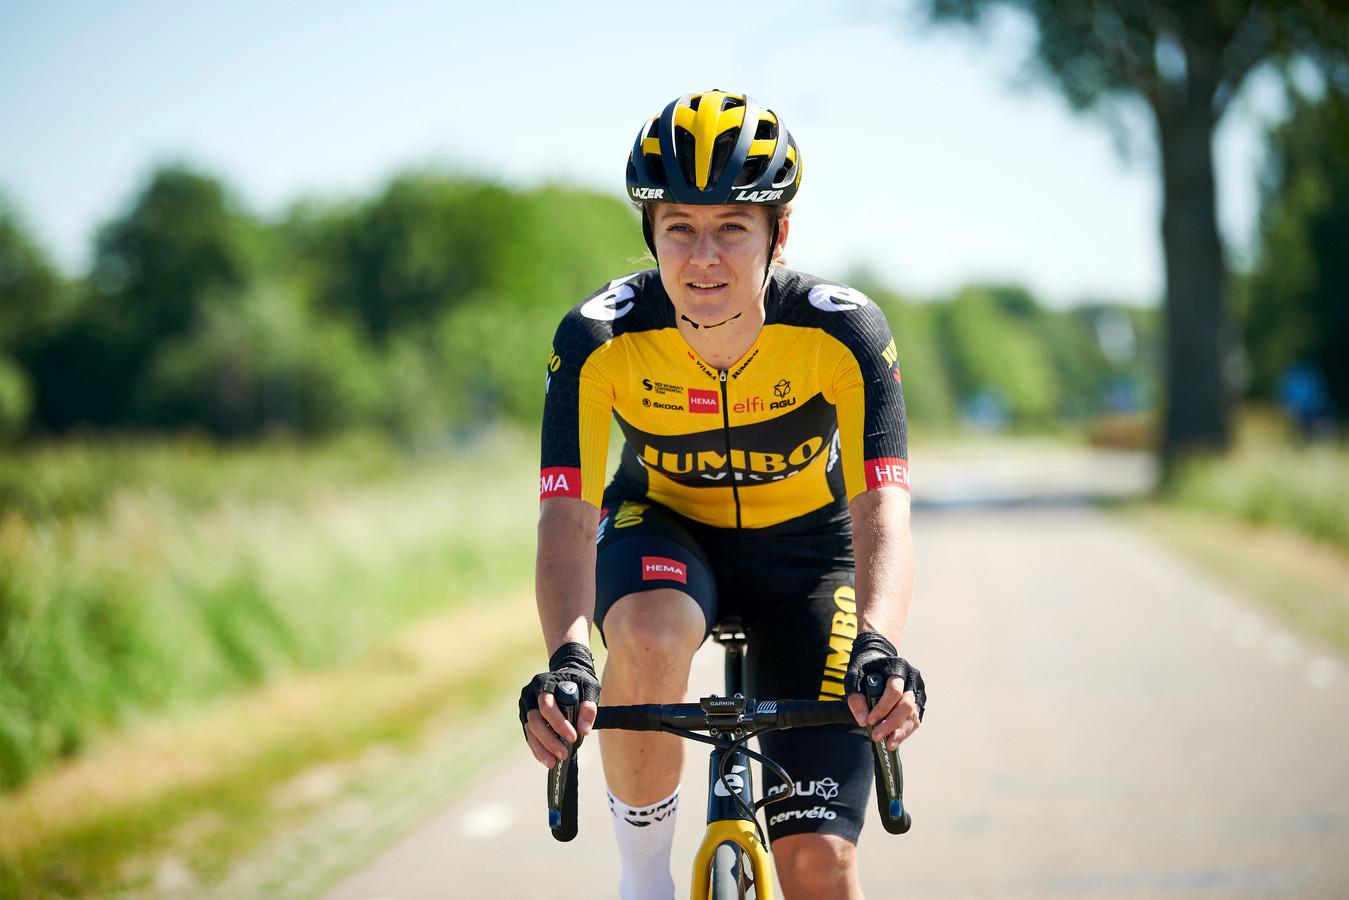 Oud-roeister Amber Kraak, die opgroeide in Oss, stapt over naar de fiets en heeft getekend bij Jumbo-Visma